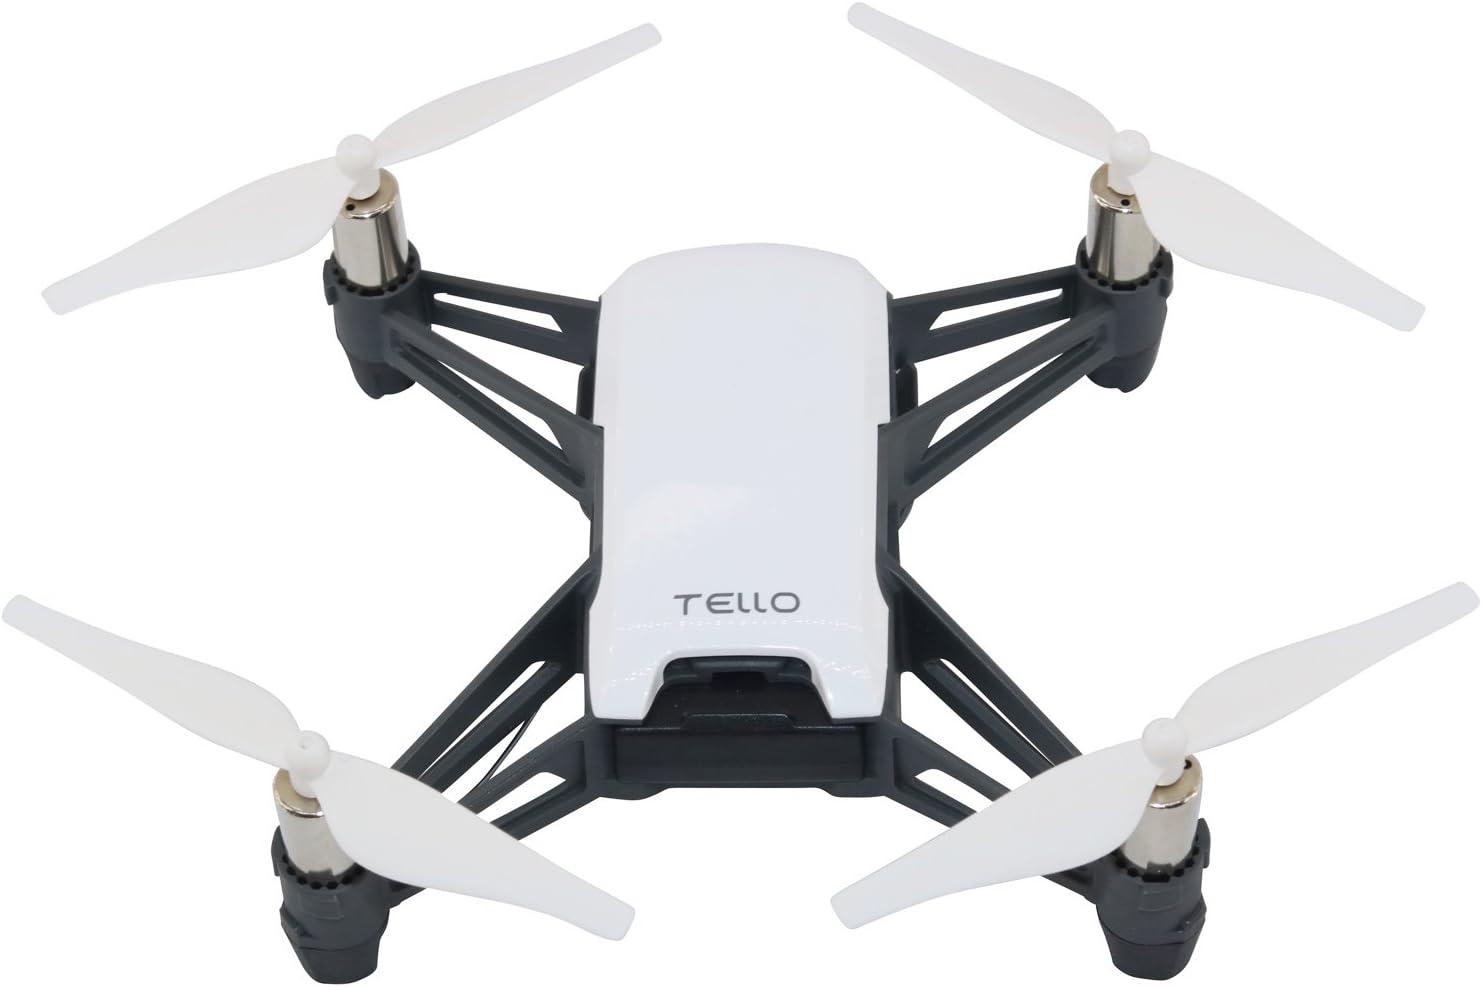 Kismaple Tello RC Quadcopter Hélices à démontage rapide pour DJI Tello (Blanc + Noir + Bleu + Rouge + Jaune) Blanc + Noir + Bleu + Rouge + Jaune